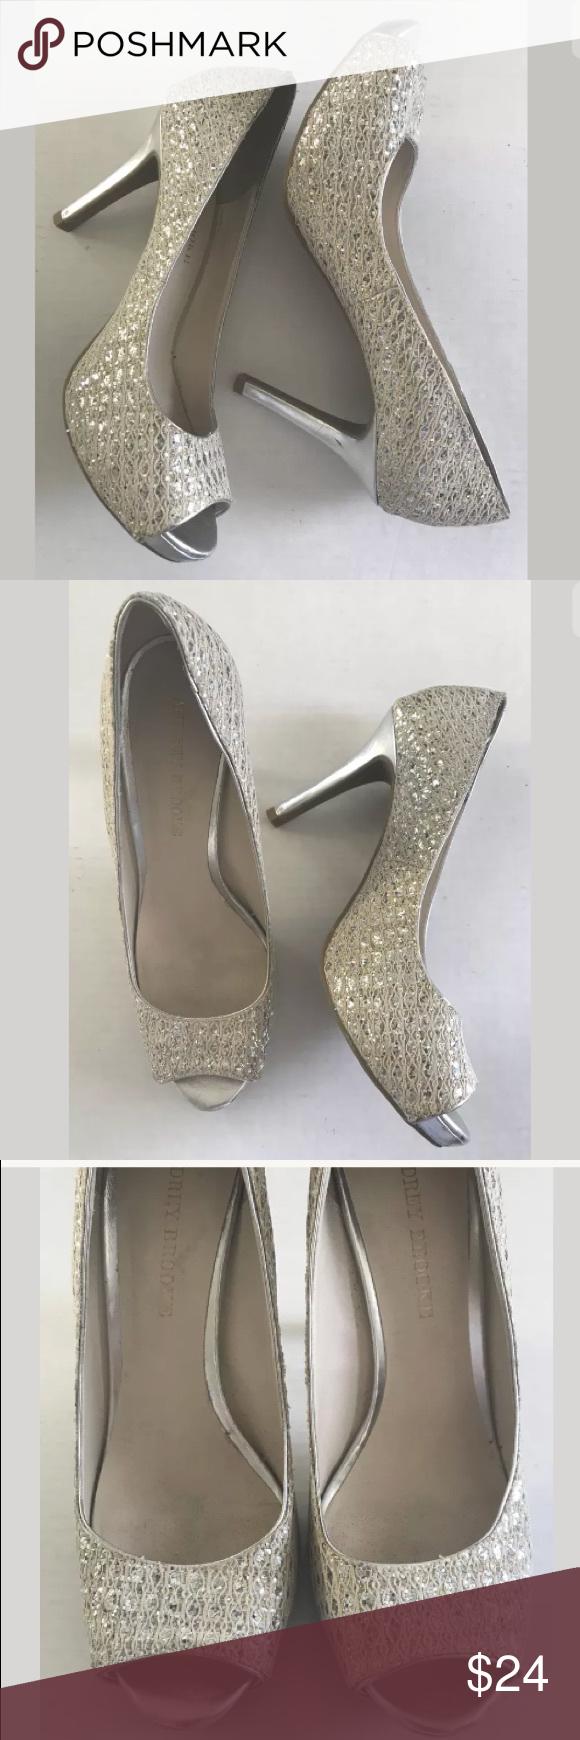 41e2ac9bc983 Audrey Brooke Quillan Glitter Peep Toe Heels 8.5 N Audrey Brooke Women s  Quillan Gold Silver Glitter Peep Toe Heels Size 8.5 N. 🔹Tag size  8.5  Narrow ...